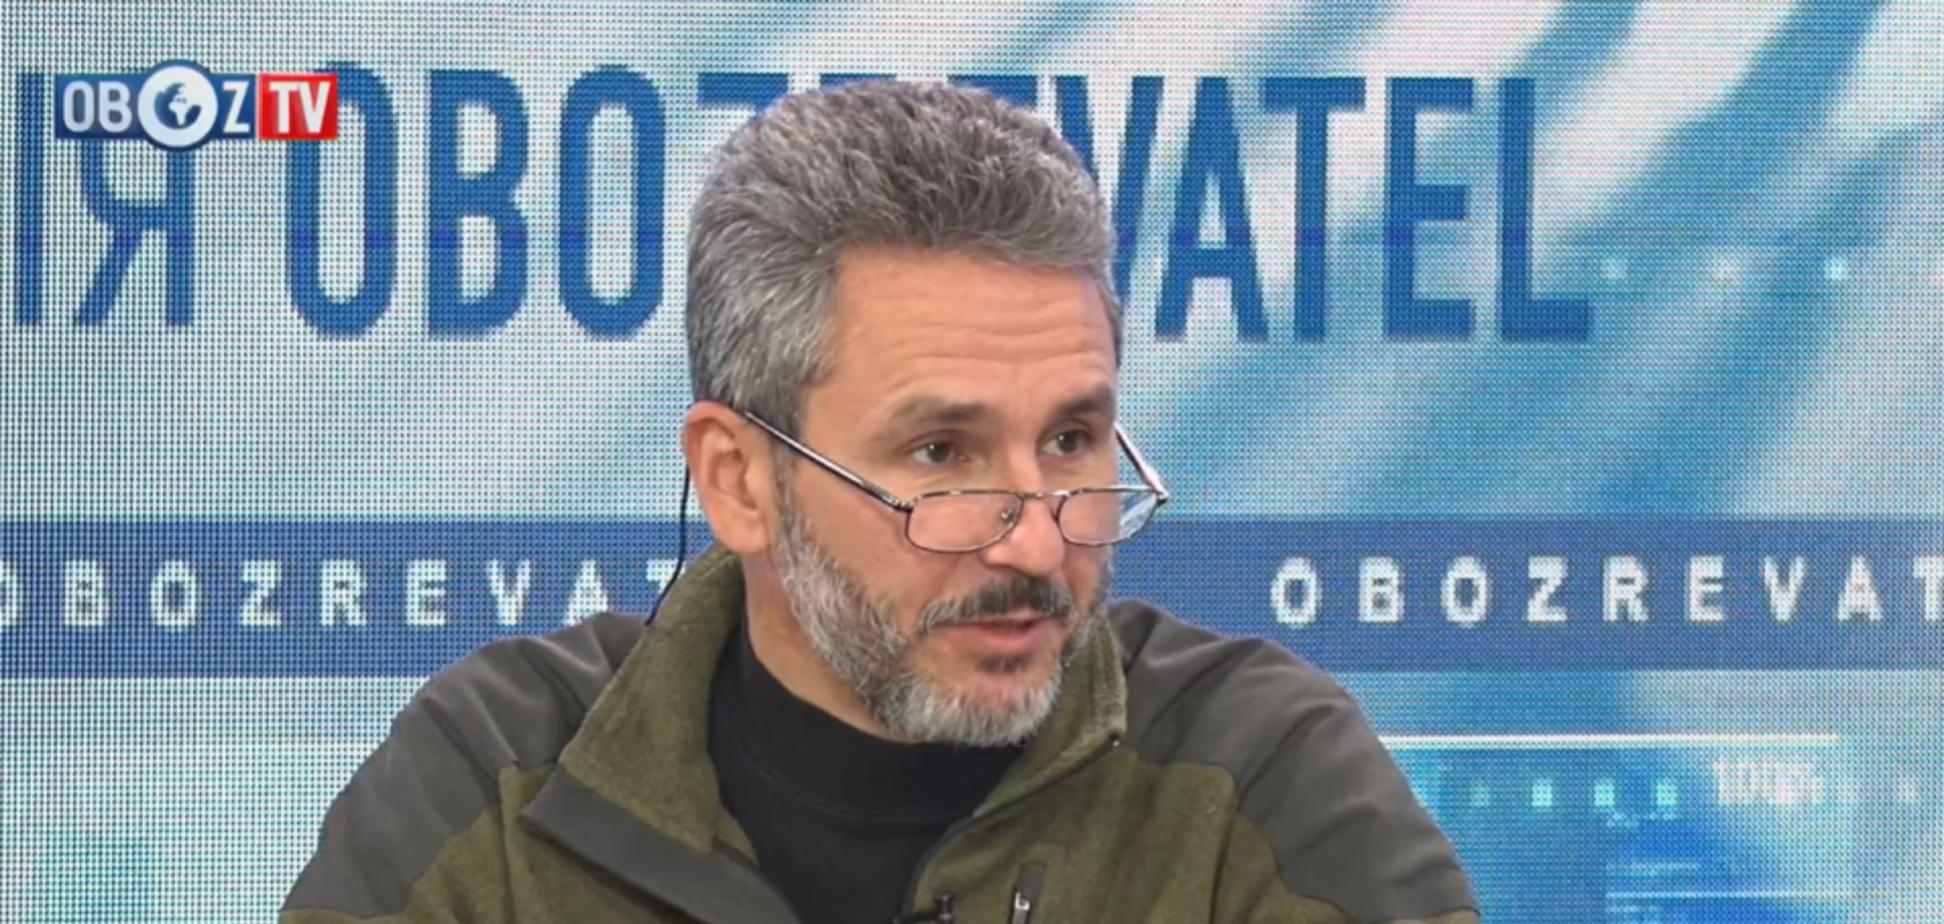 Придністровський сценарій: експерт розповів, для чого Росії нові ватажки терористів на Донбасі